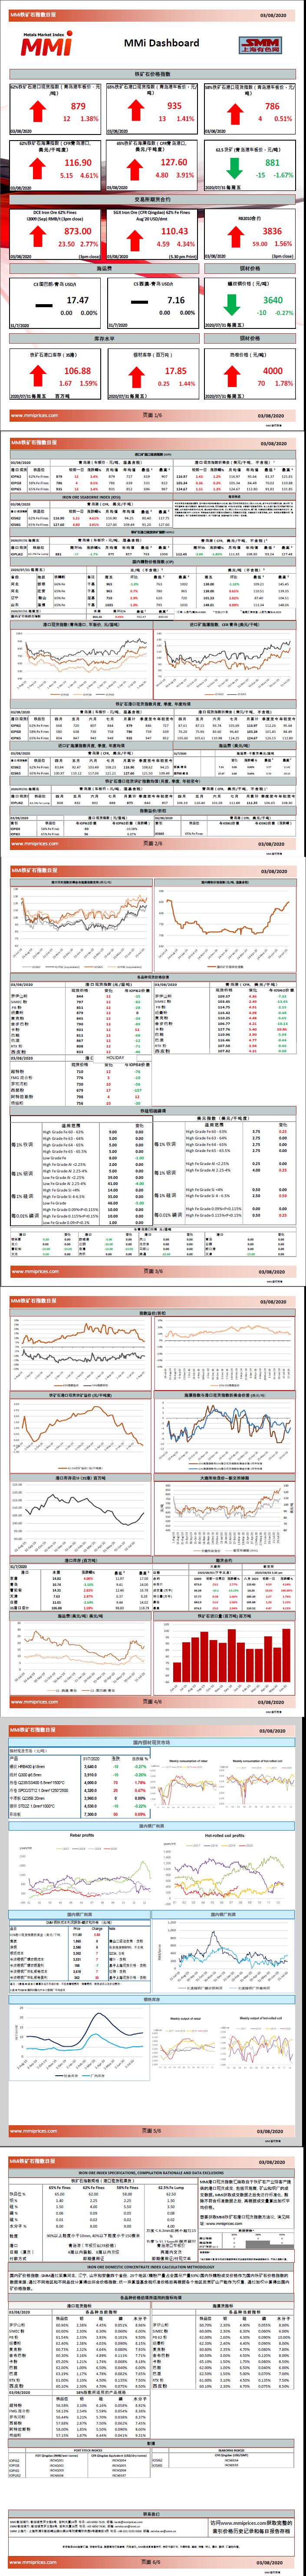 《【万和城平台代理怎么注册】MMi 铁矿石港口现货指数报告(3日)》